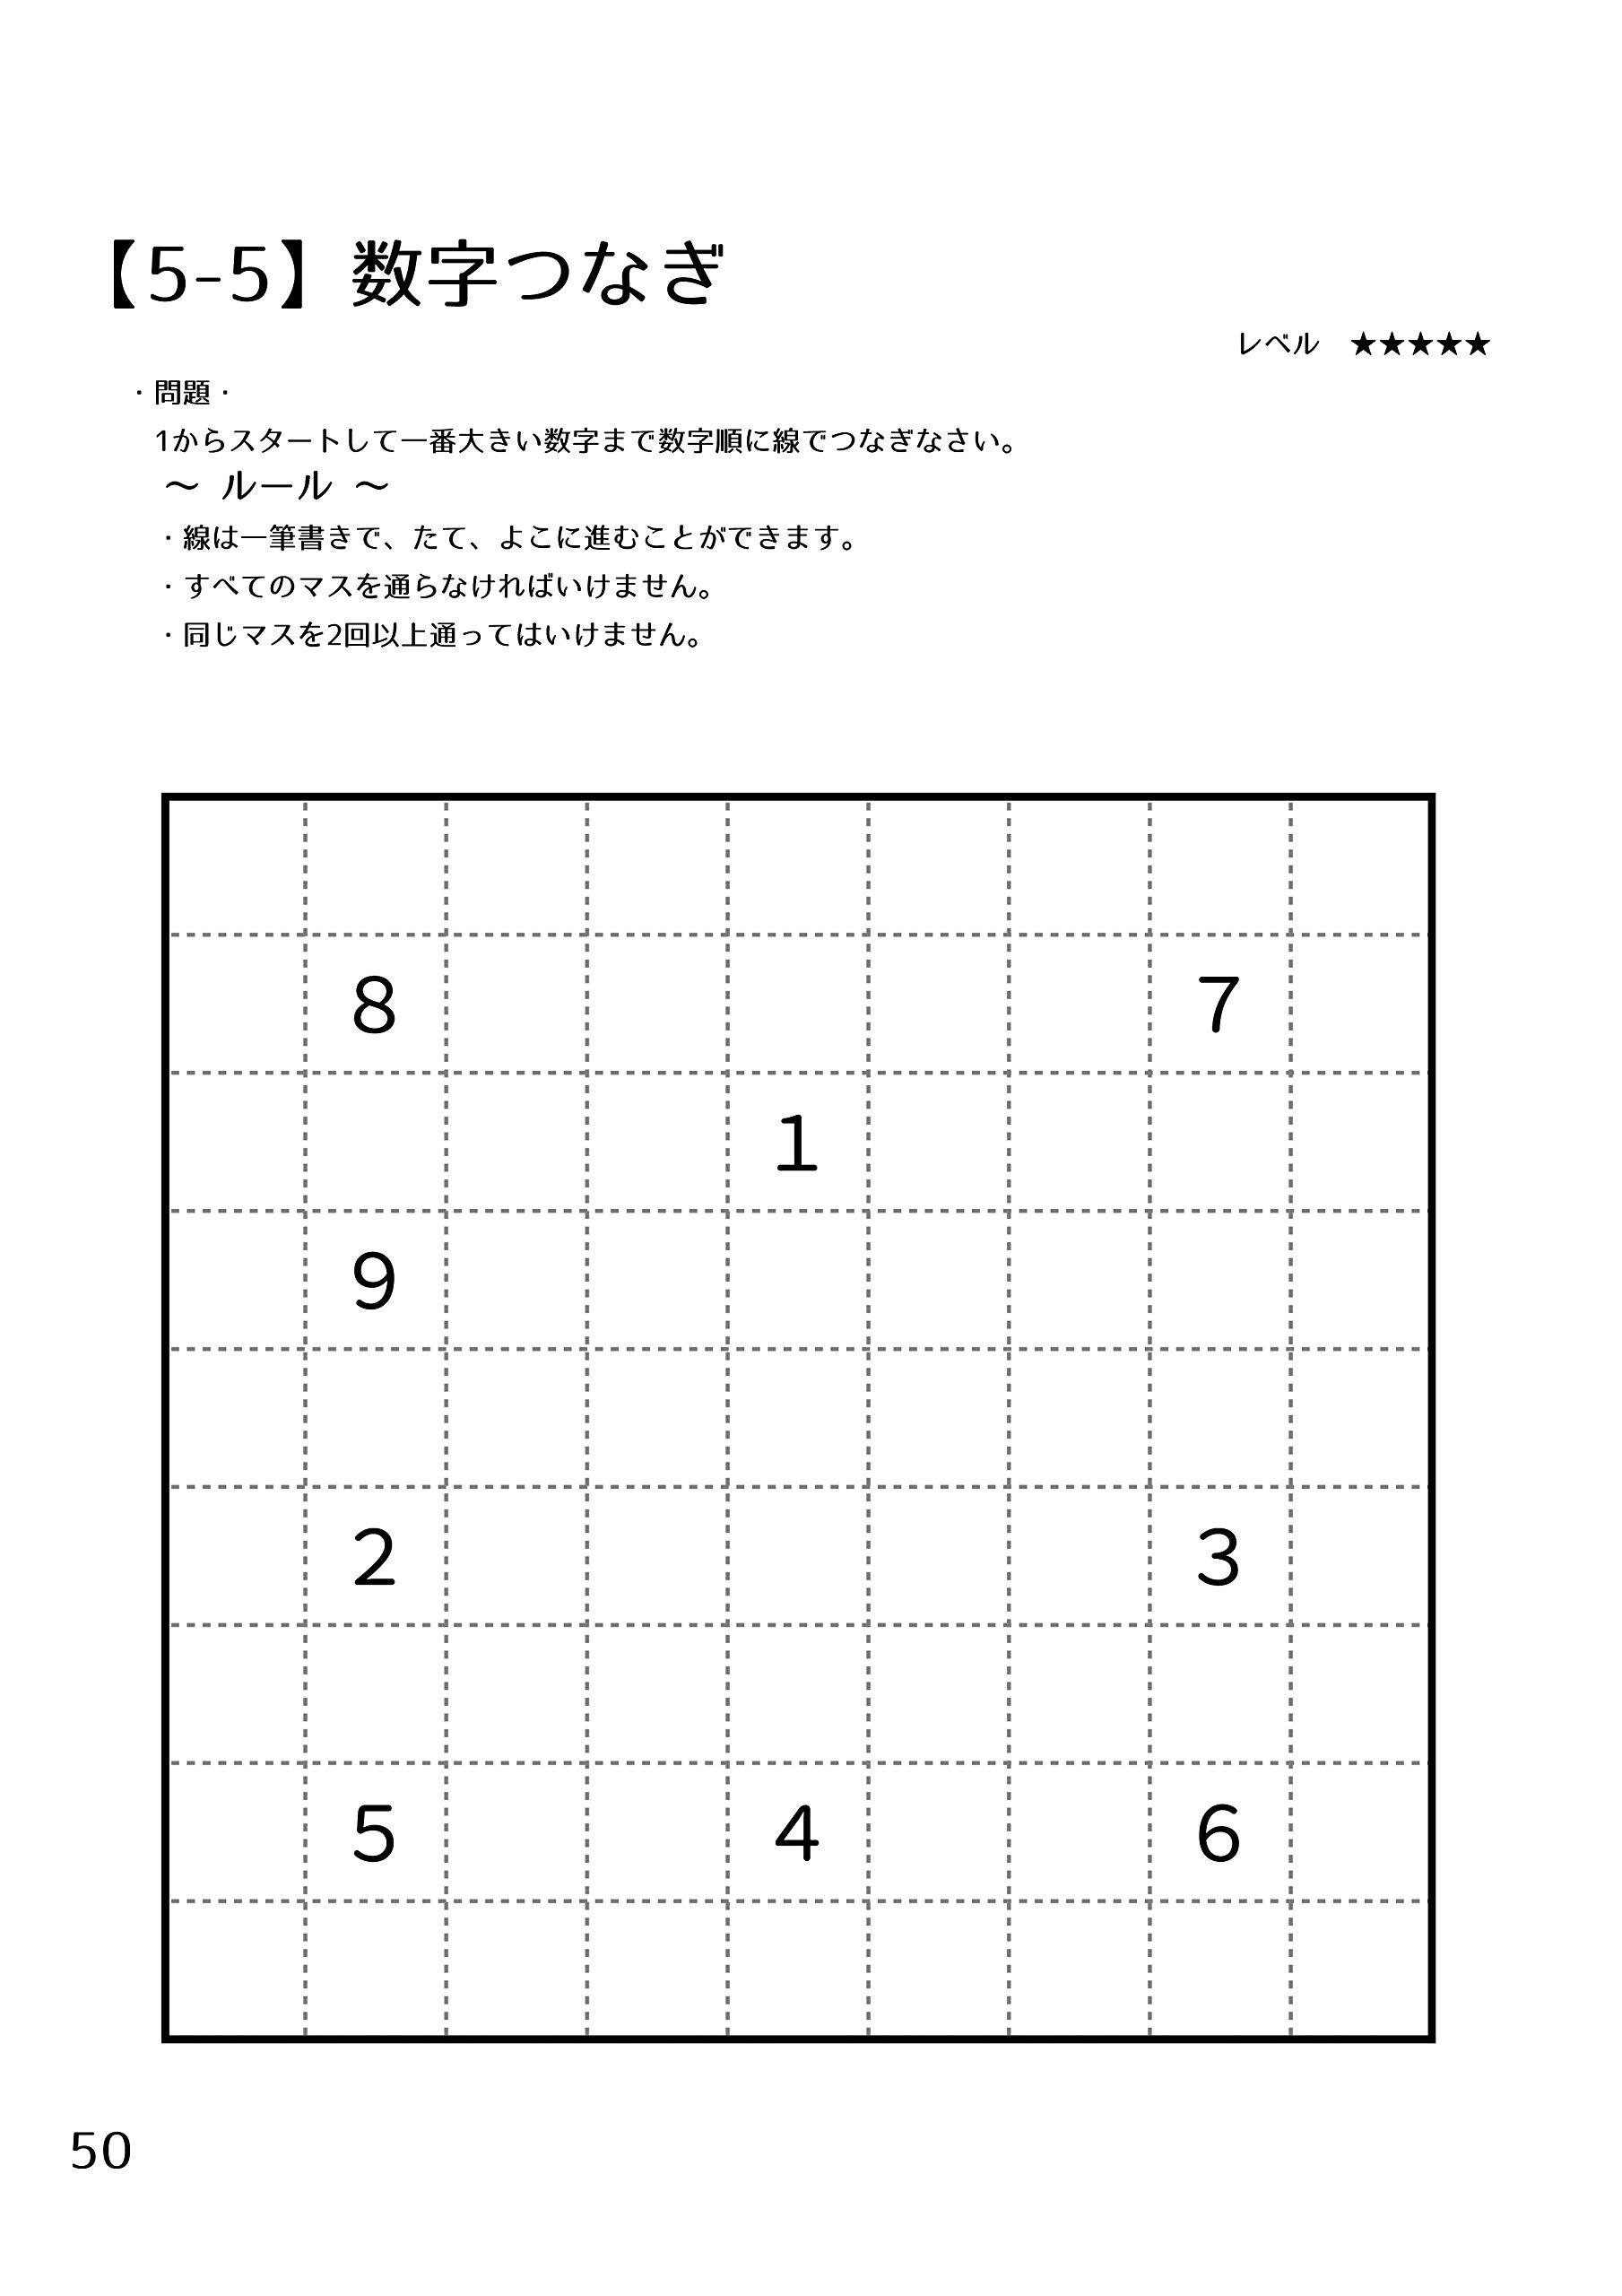 楽しくアタマを良くする知育パズル Vol5 数字つなぎ 藤原進学塾 本